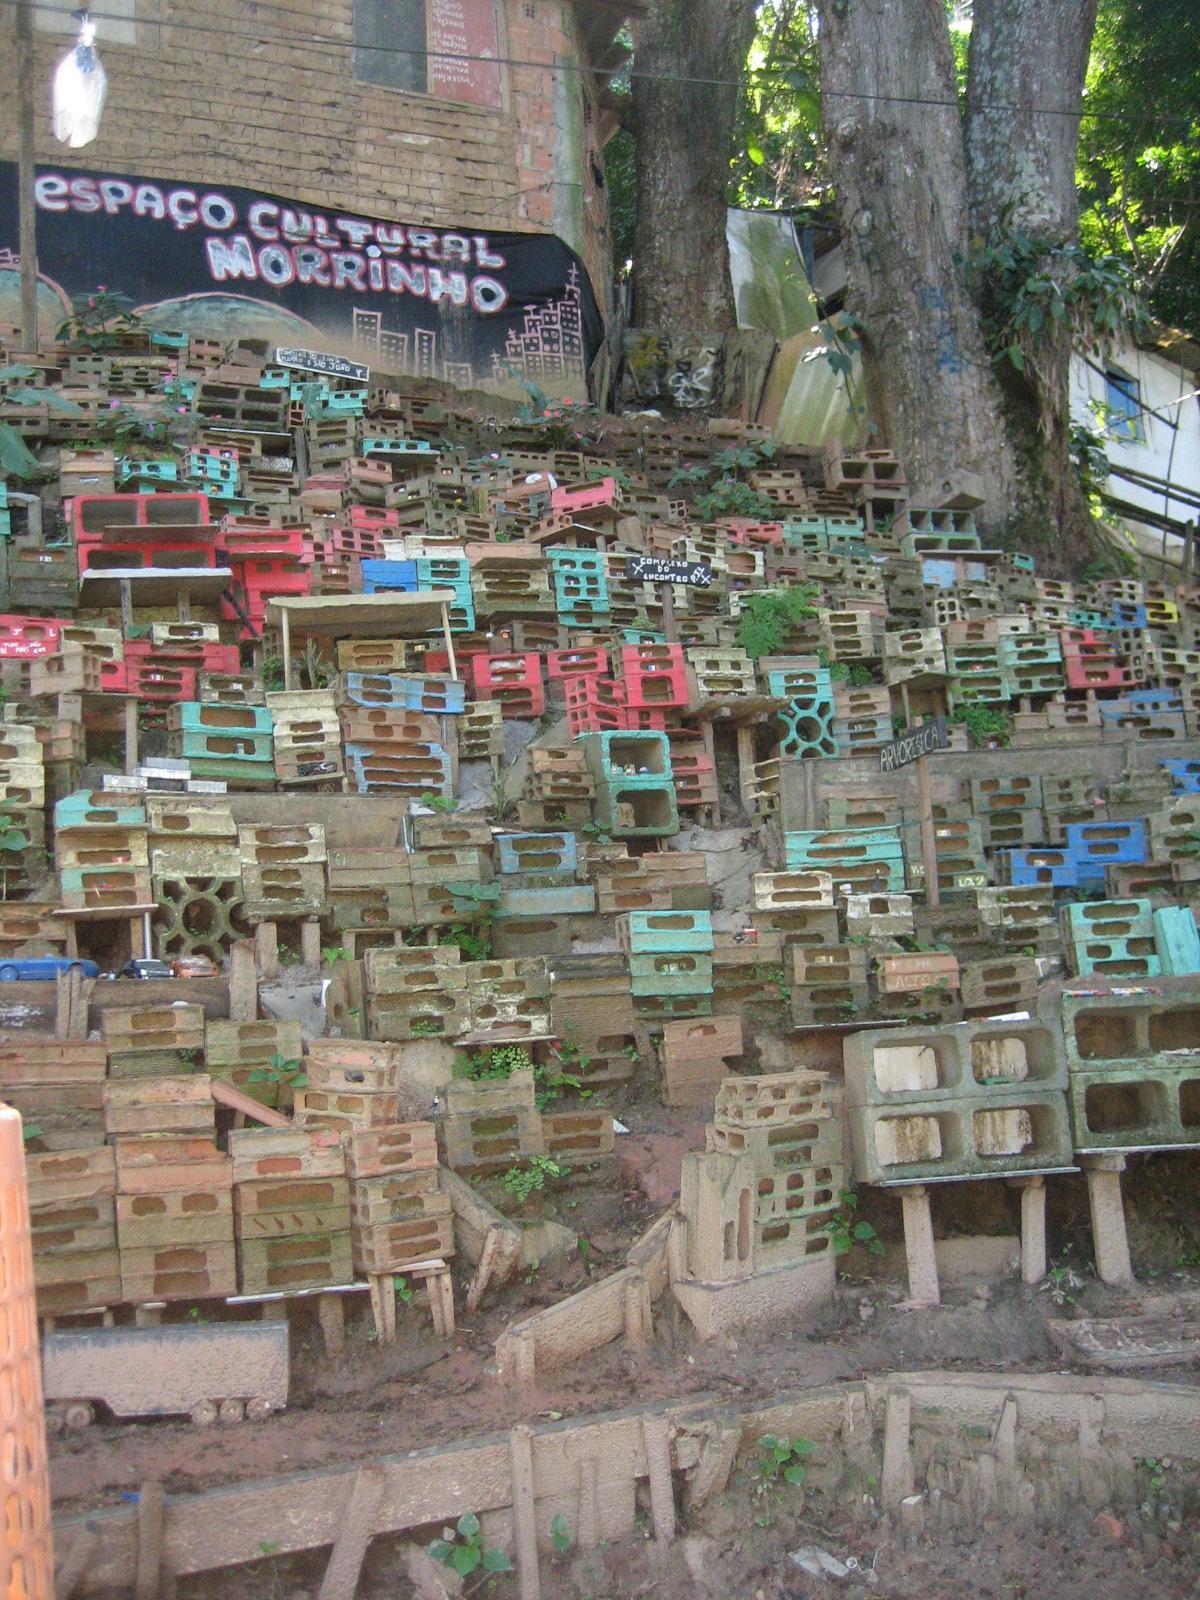 The Morrinho project in Favela Mare, Rio de Janeiro